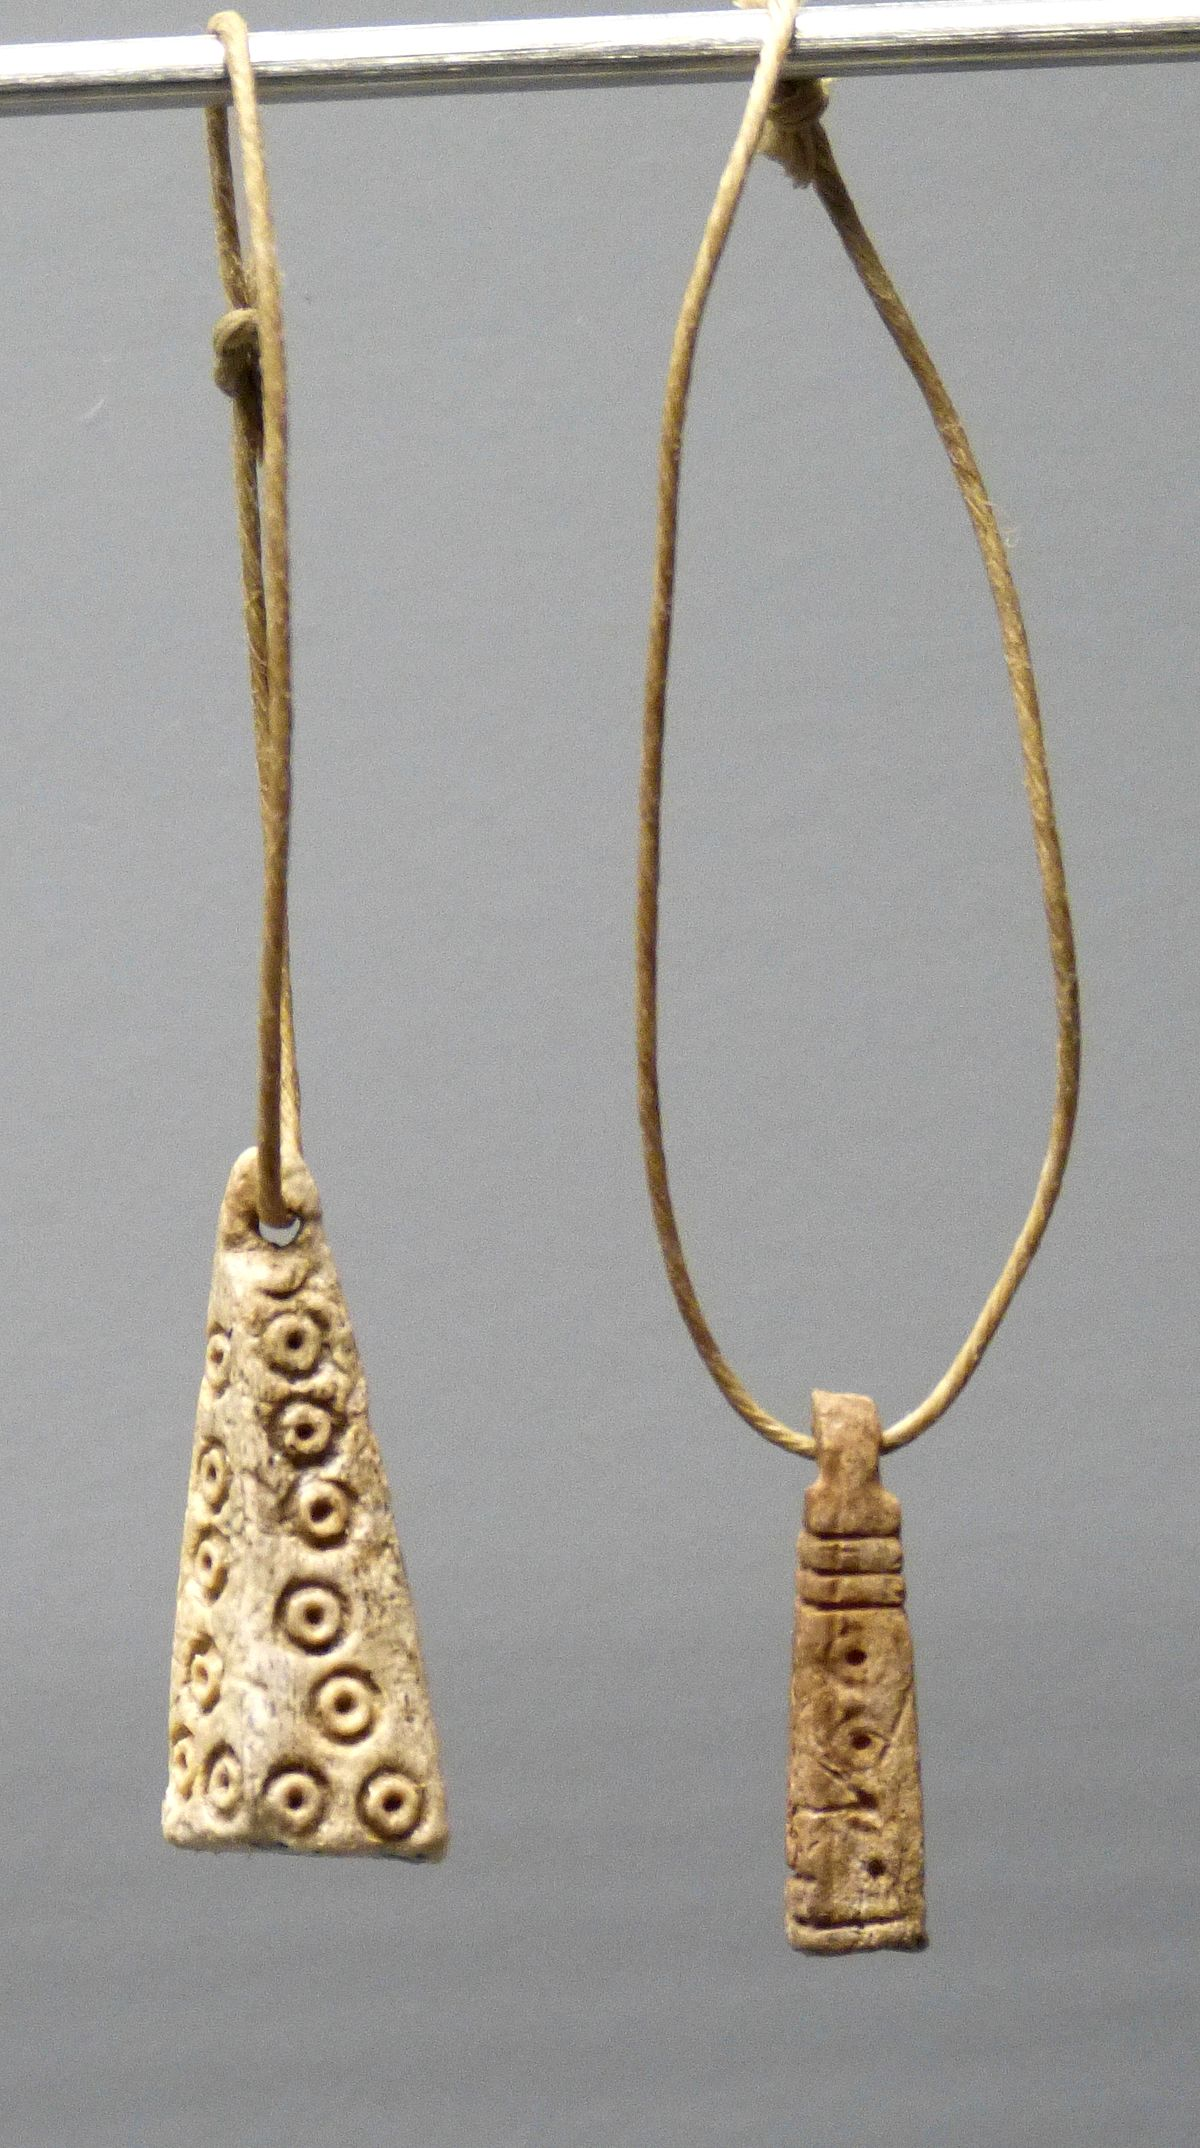 herkuleskeule amulett � wikipedia